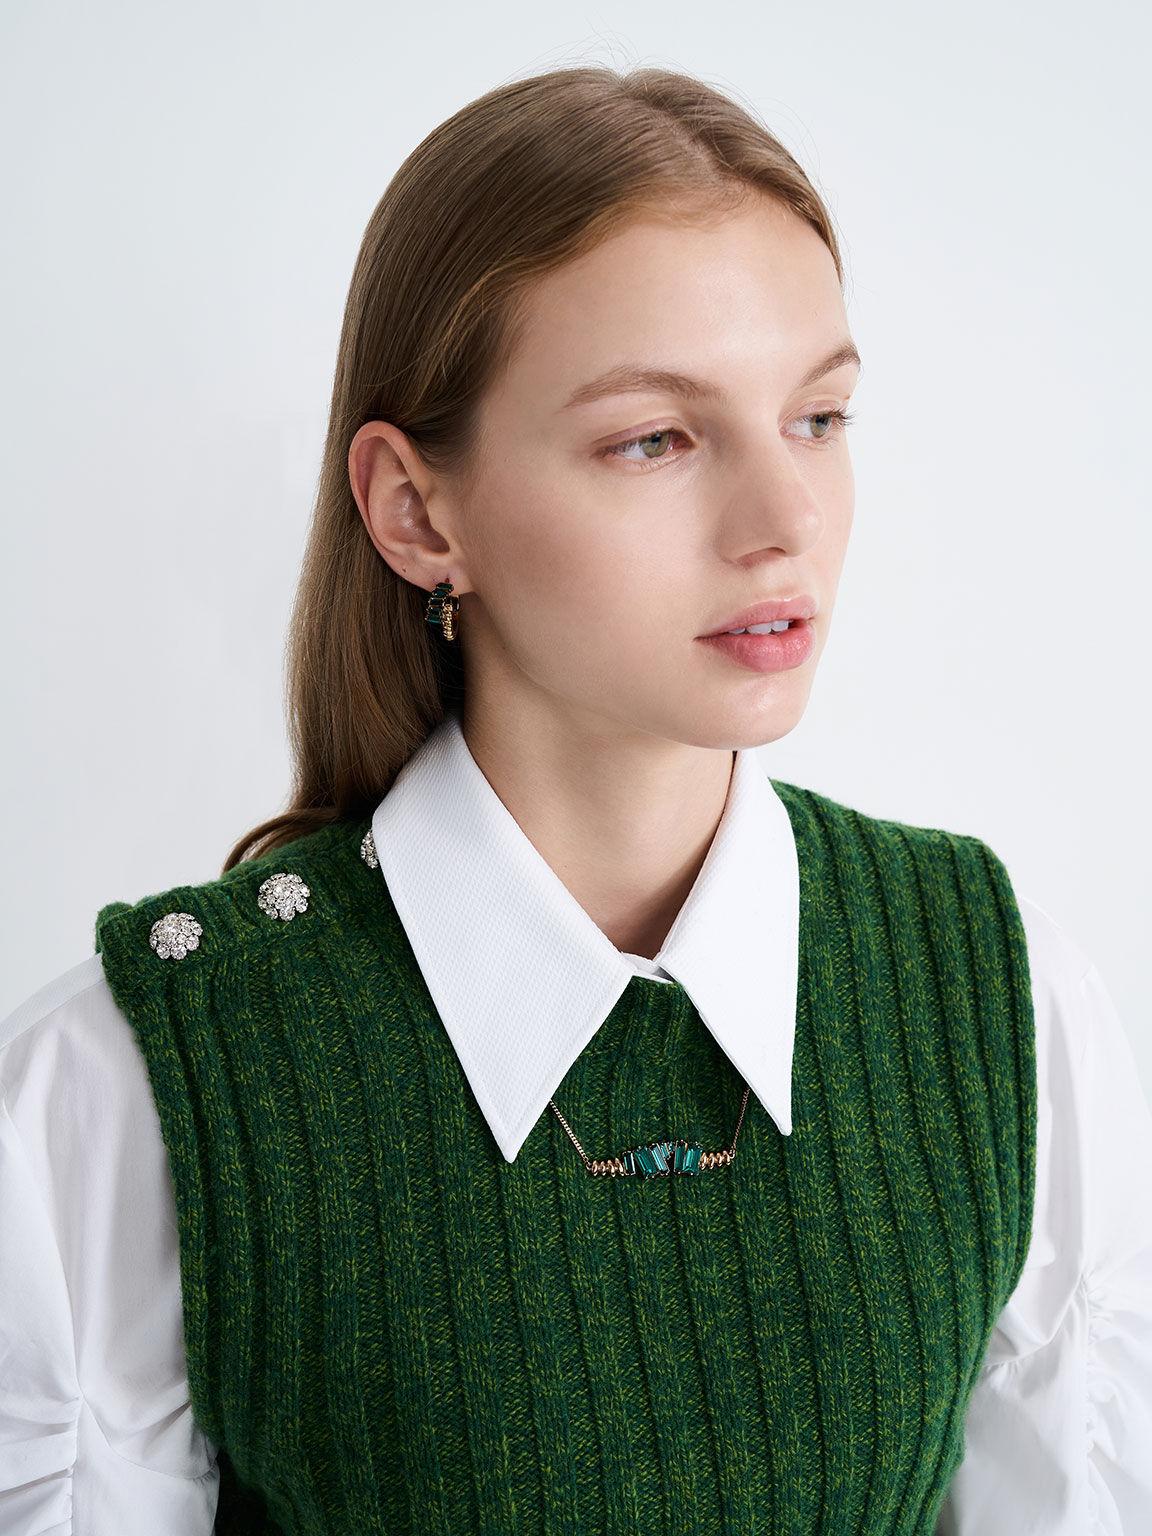 施華洛世奇®水晶項鍊, 綠色, hi-res